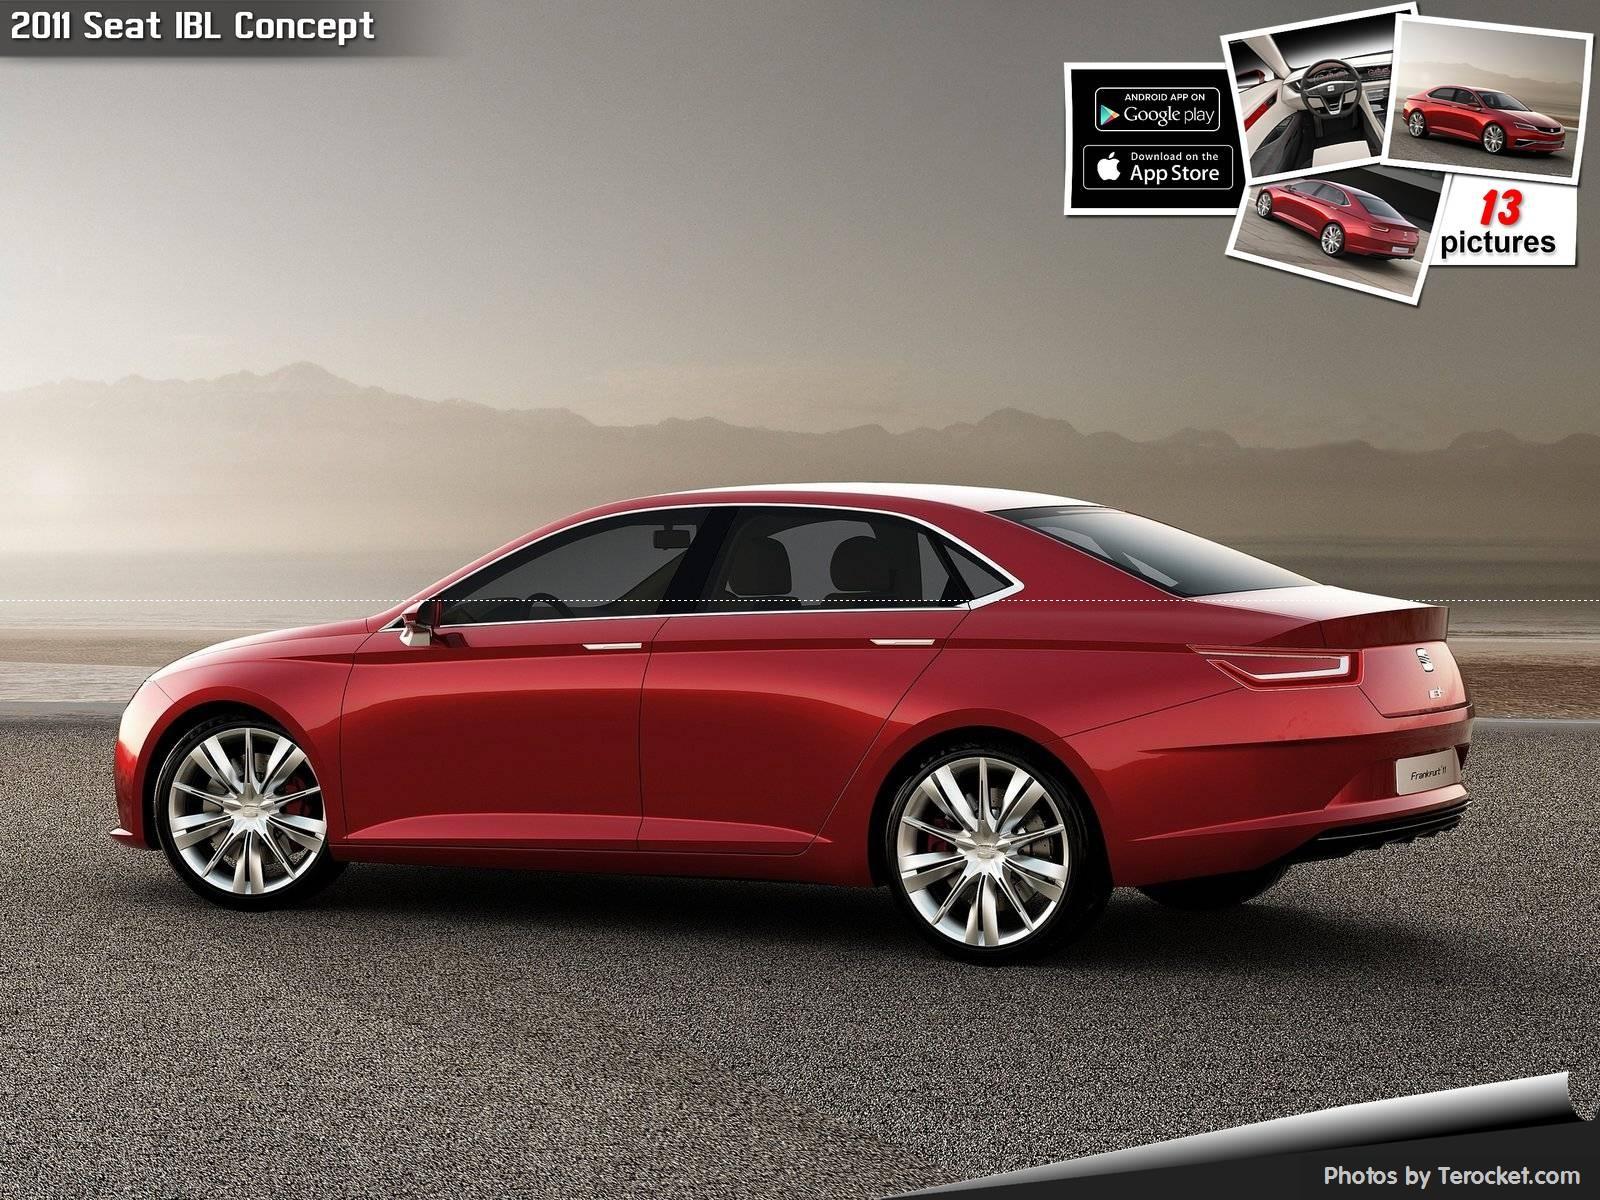 Hình ảnh xe ô tô Seat IBL Concept 2011 & nội ngoại thất